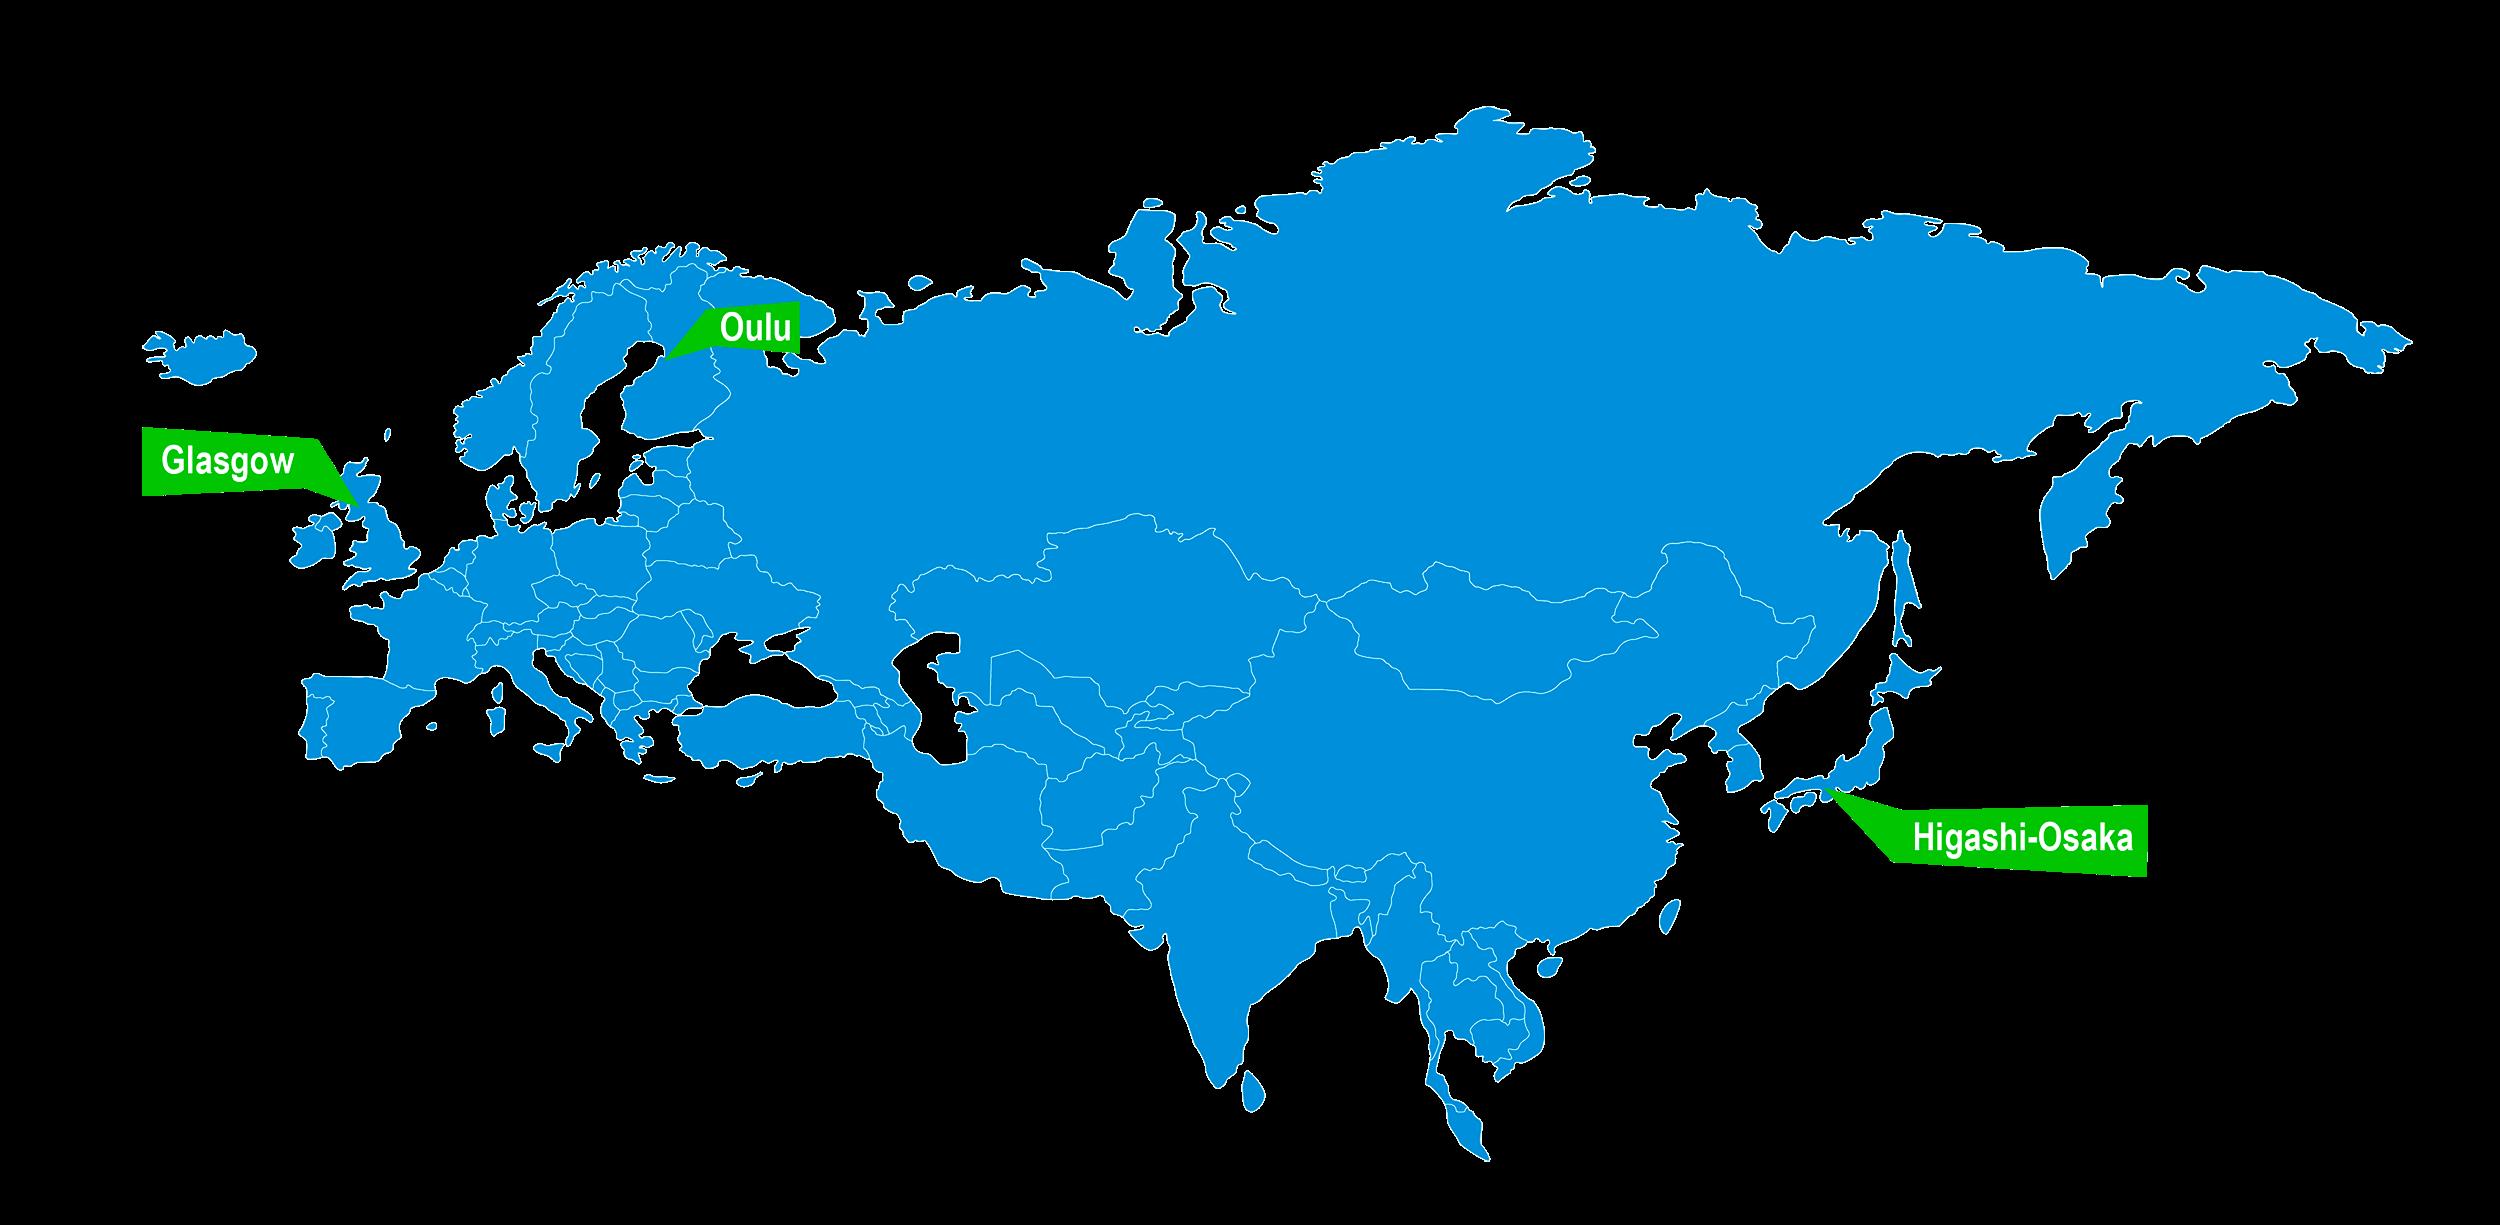 Twinning kartta